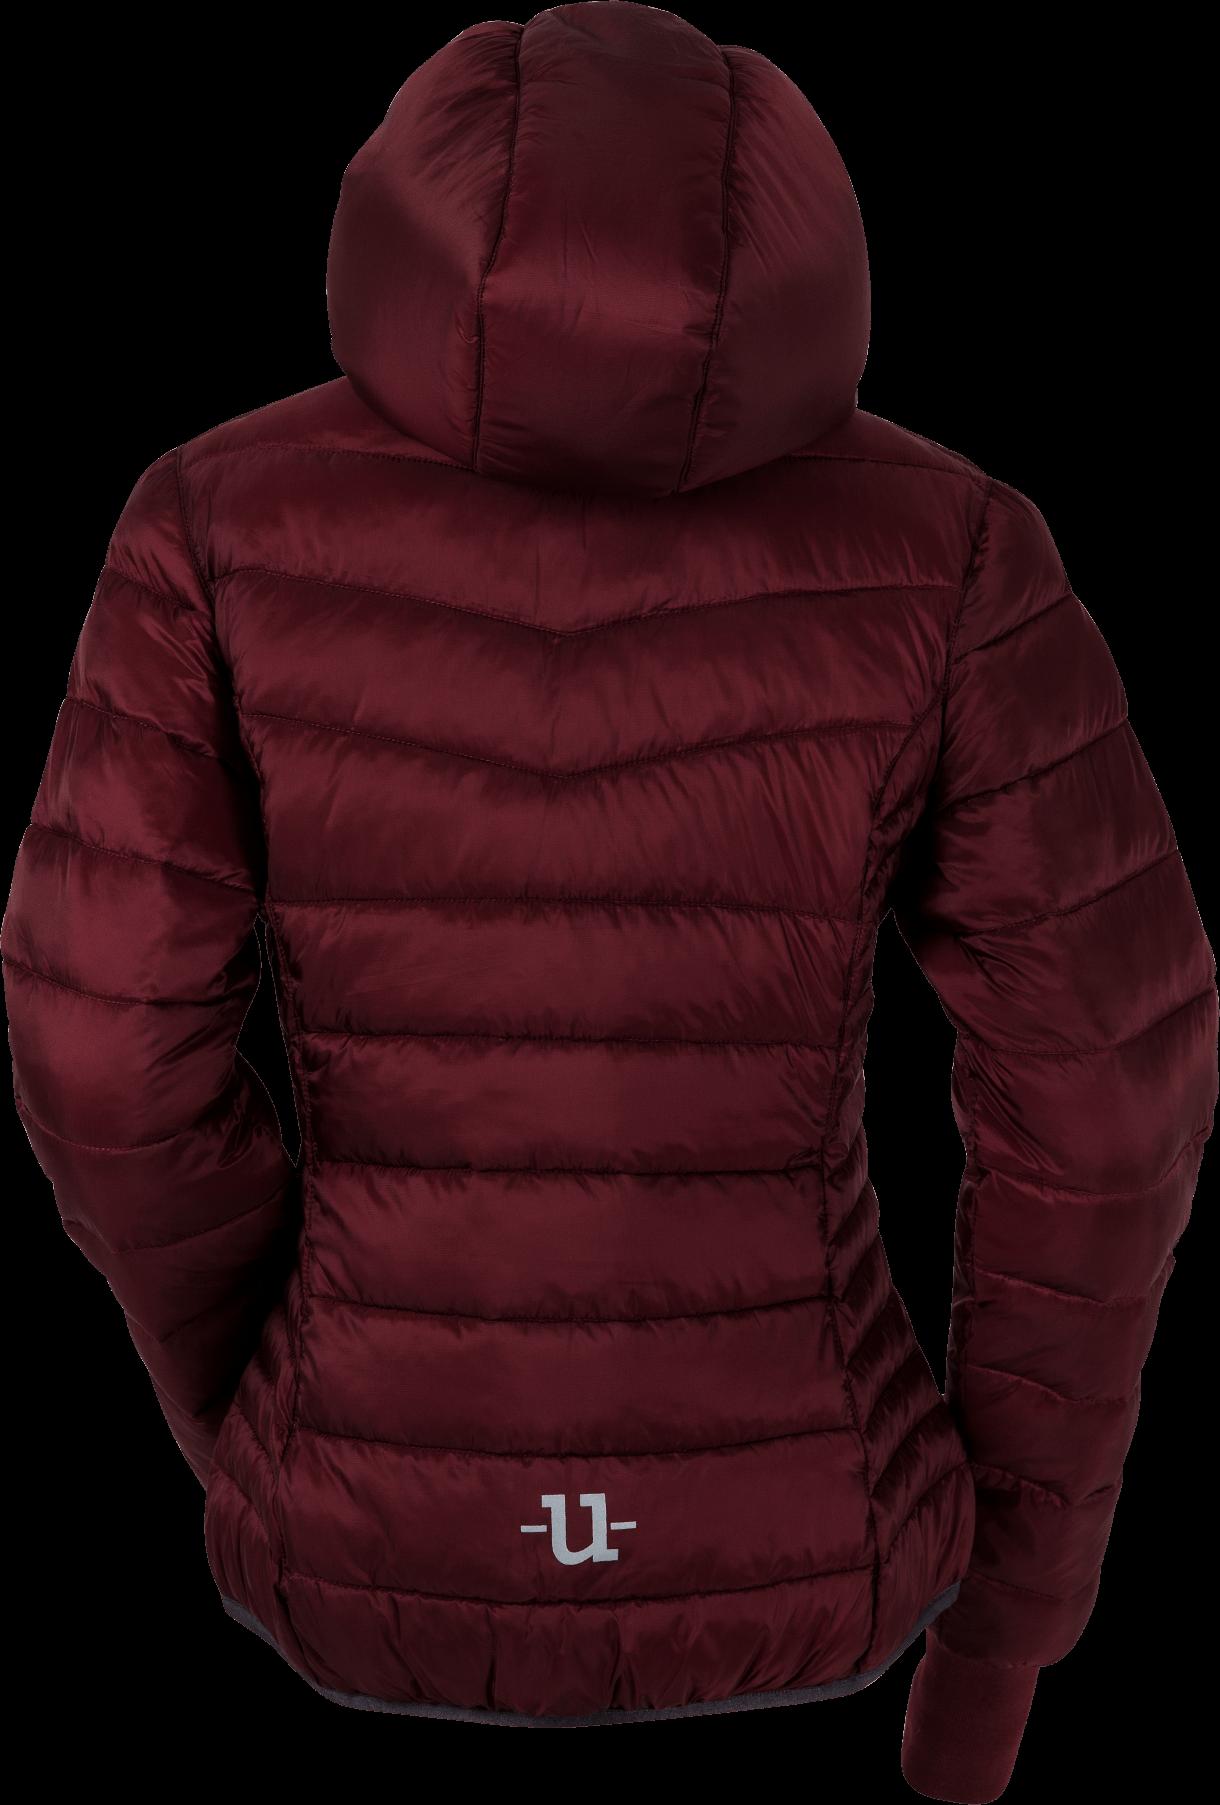 UHIP Jacket 365+ Zinfandel Red2